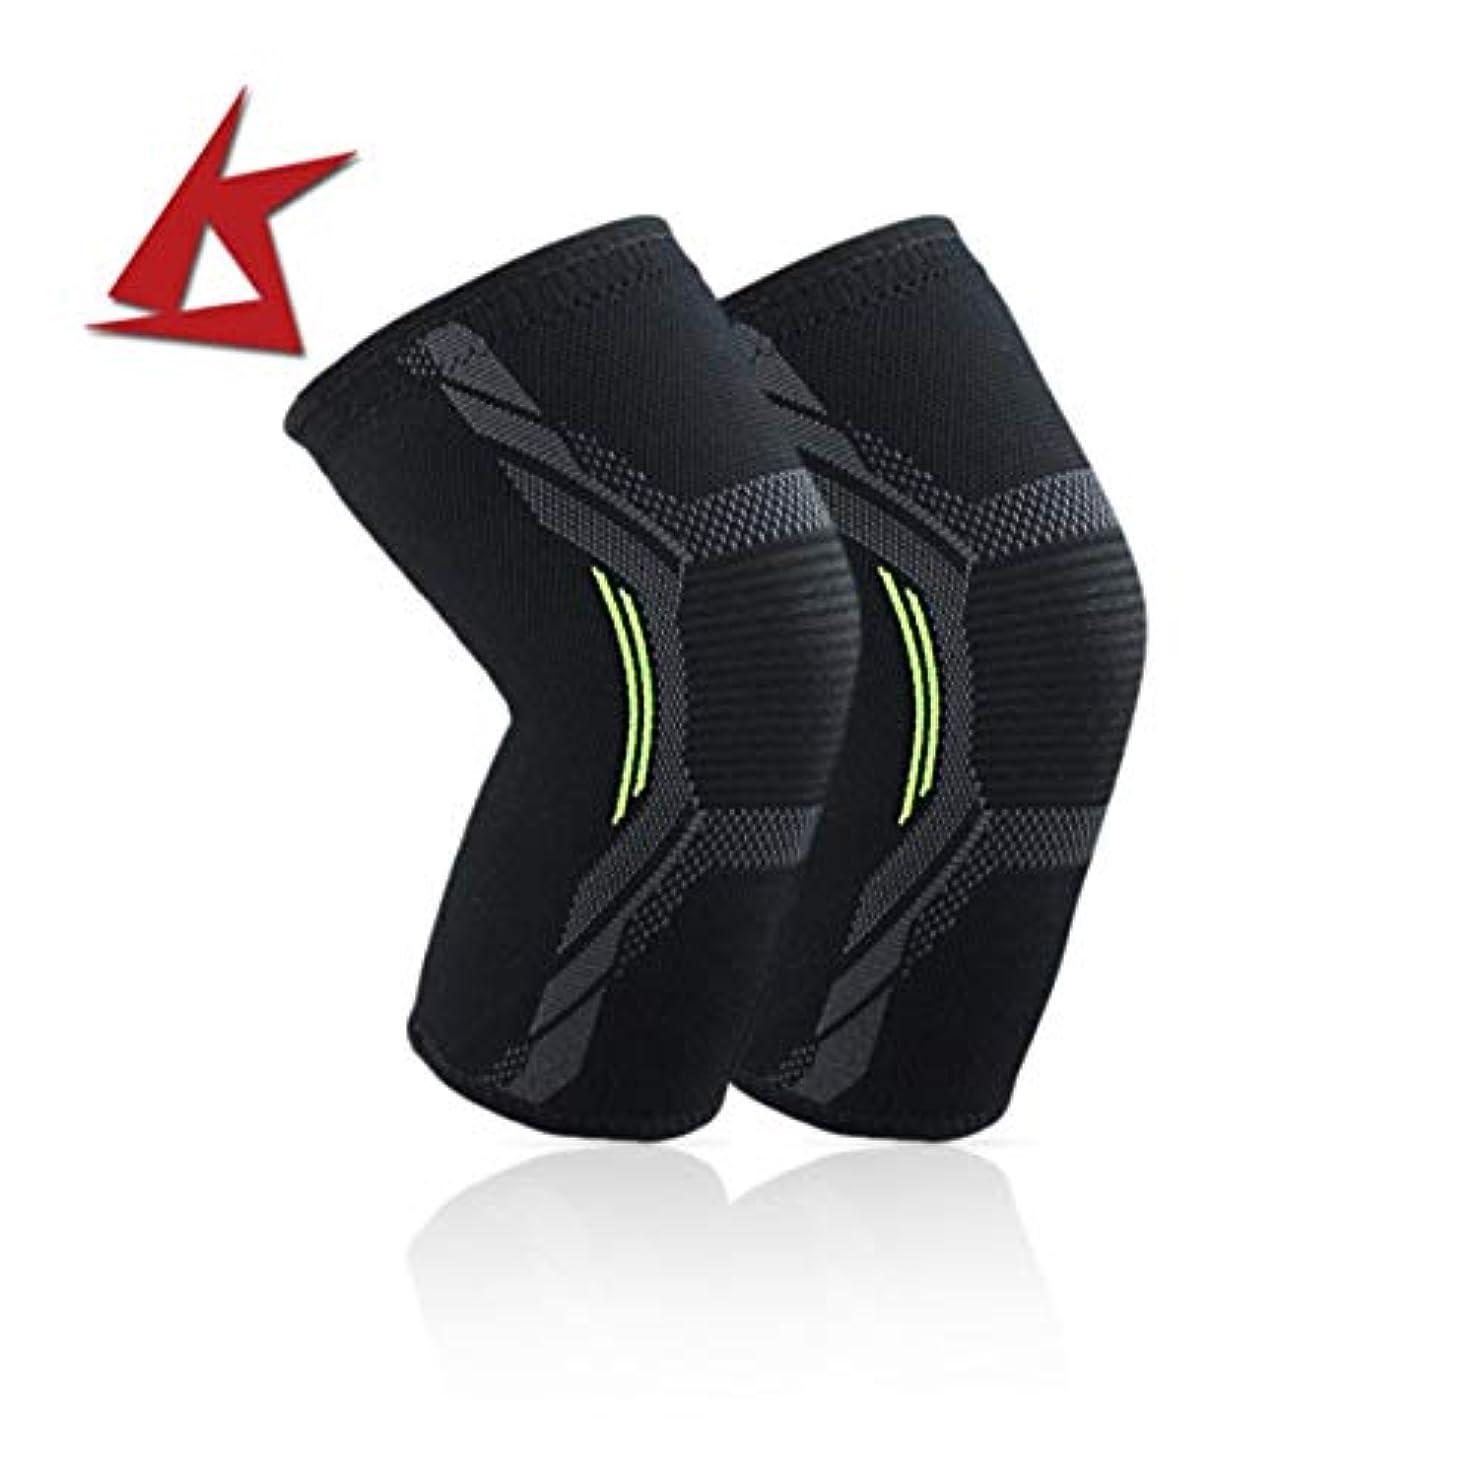 推測する資産晩餐ニット膝パッド耐久性のあるナイロン膝ブレーススポーツ保護パッド超薄型膝サポート安全膝パッド - ブラックL